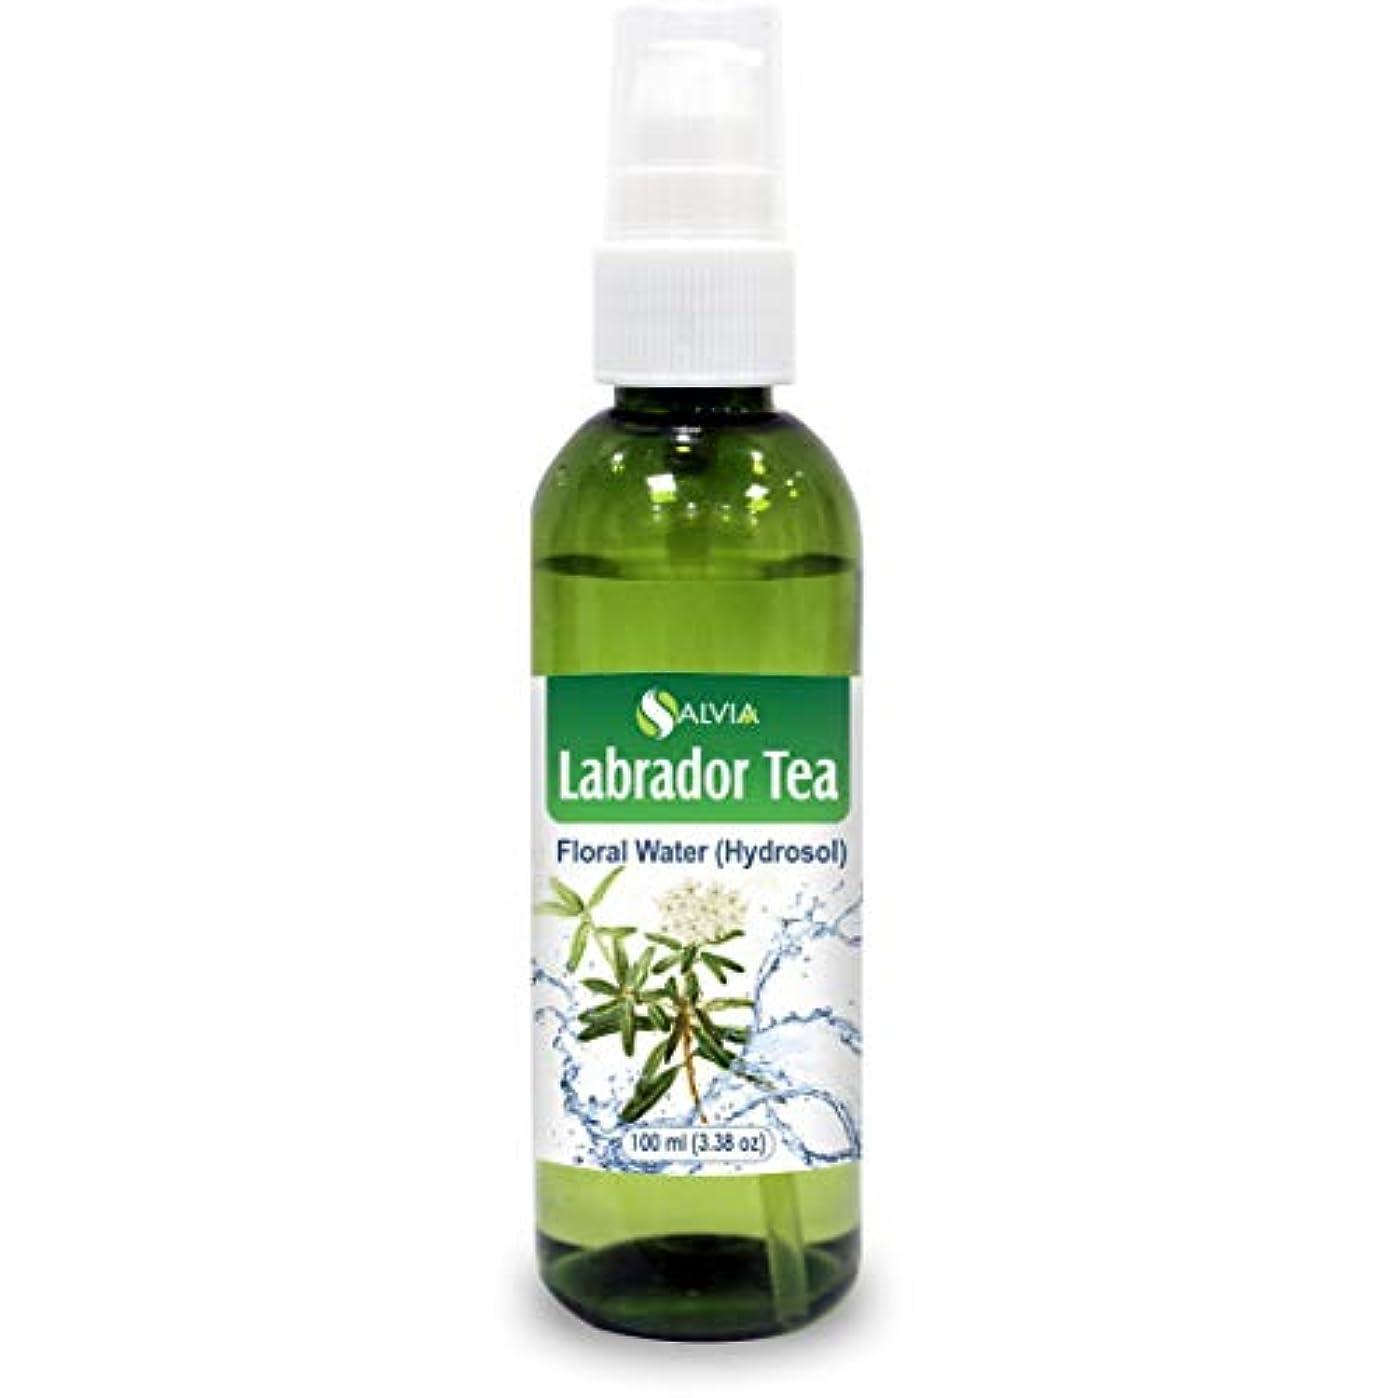 警察署遠洋の放射性Labrador Tea Floral Water 100ml (Hydrosol) 100% Pure And Natural